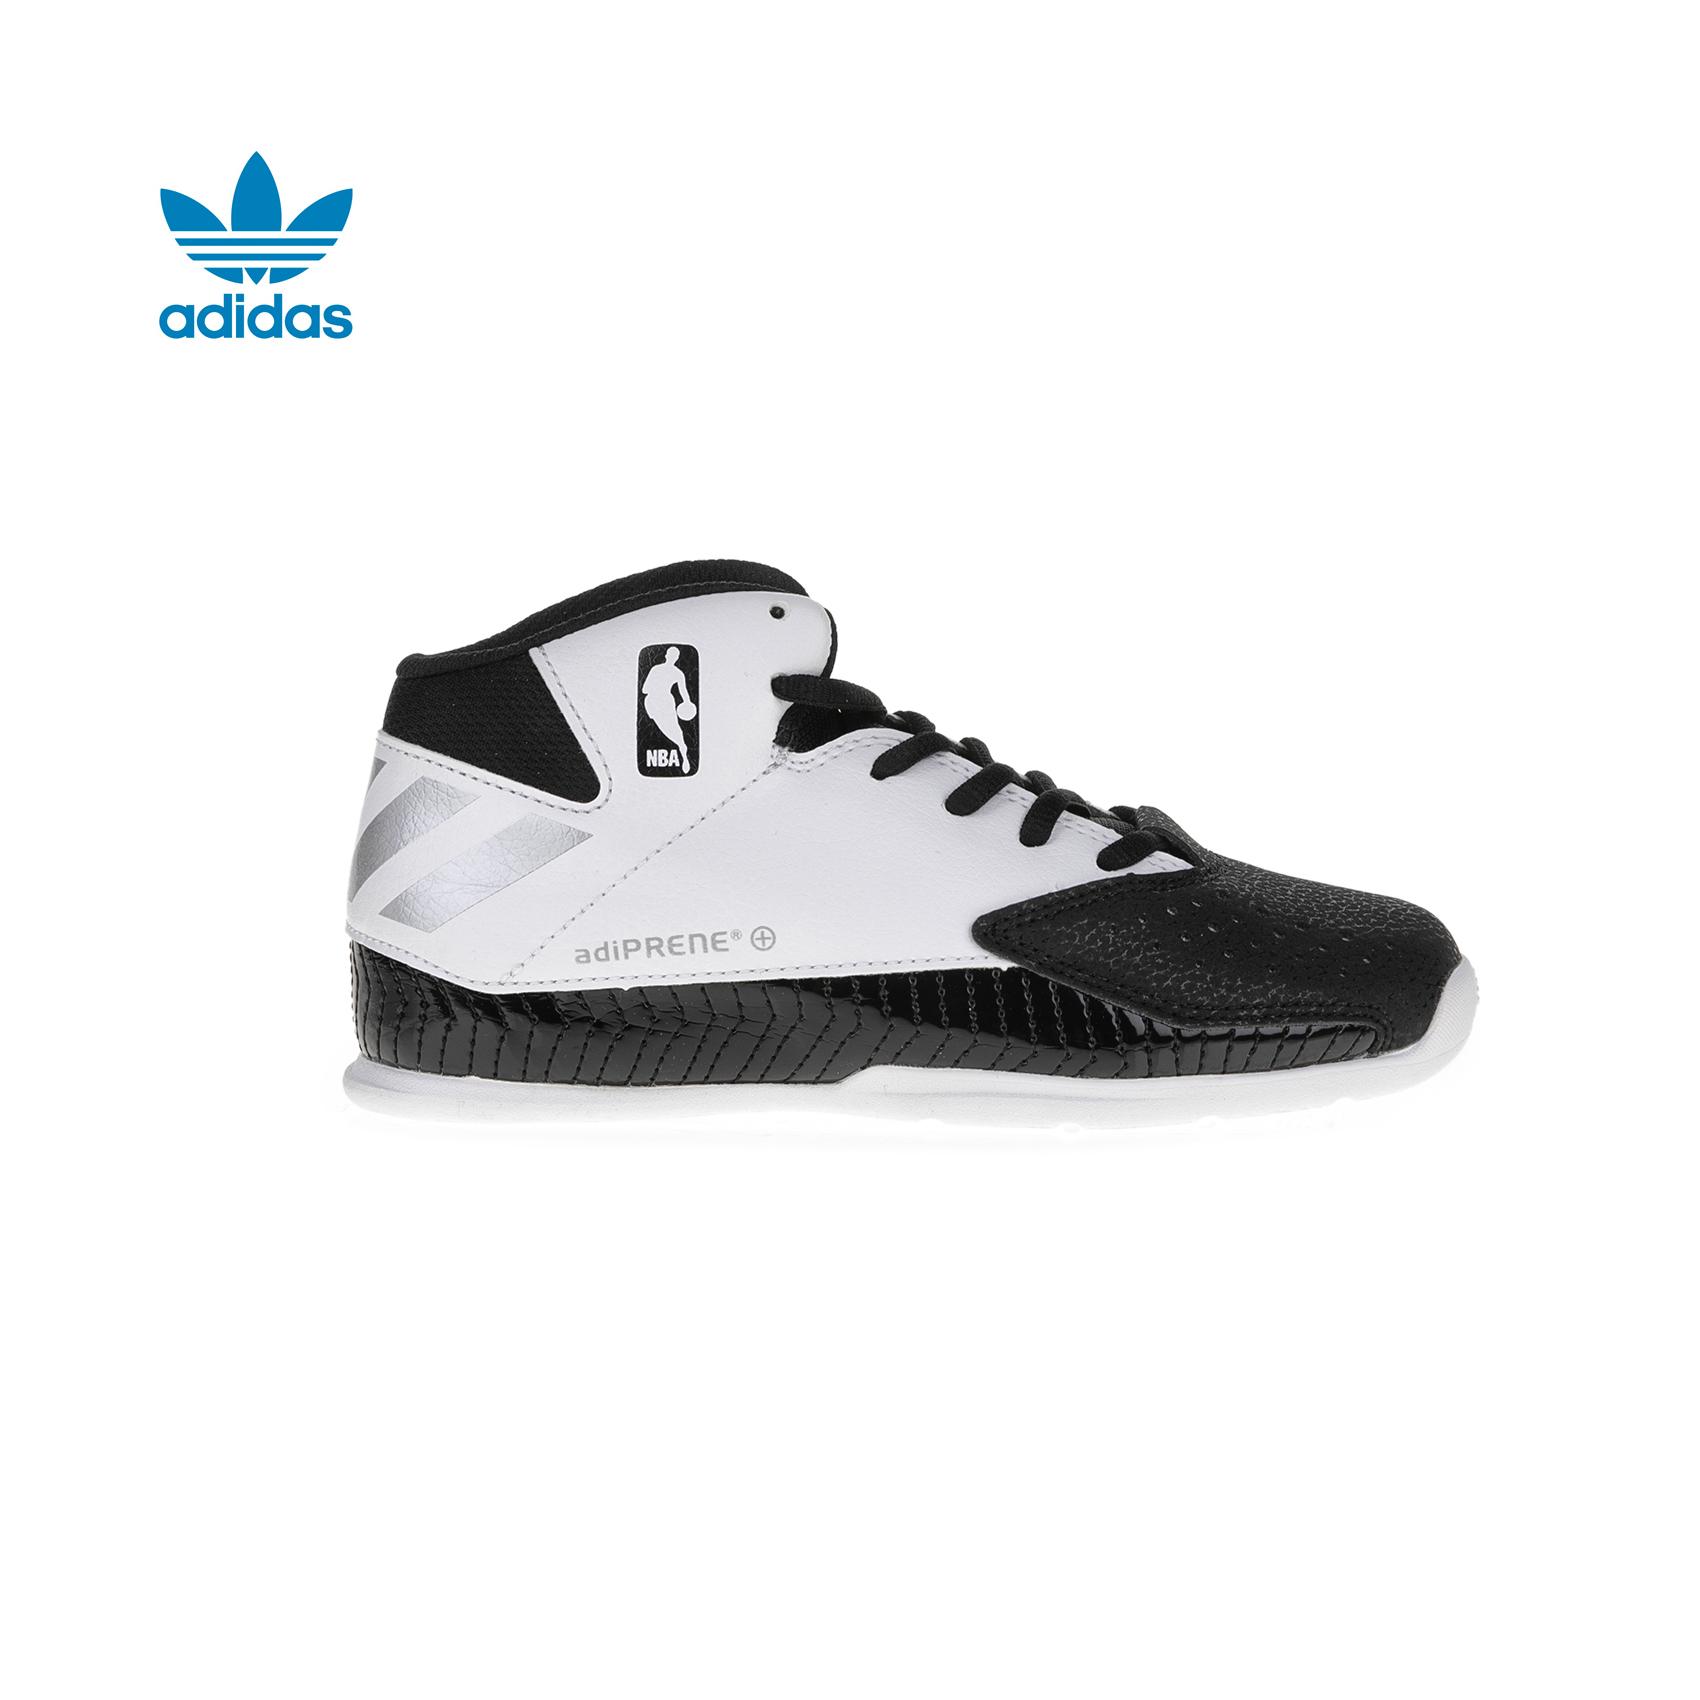 wholesale dealer 04b4f a6c45 adidas Originals – Παιδικά παπούτσια adidas Nxt Lvl Spd V NBA λευκά-μαύρα